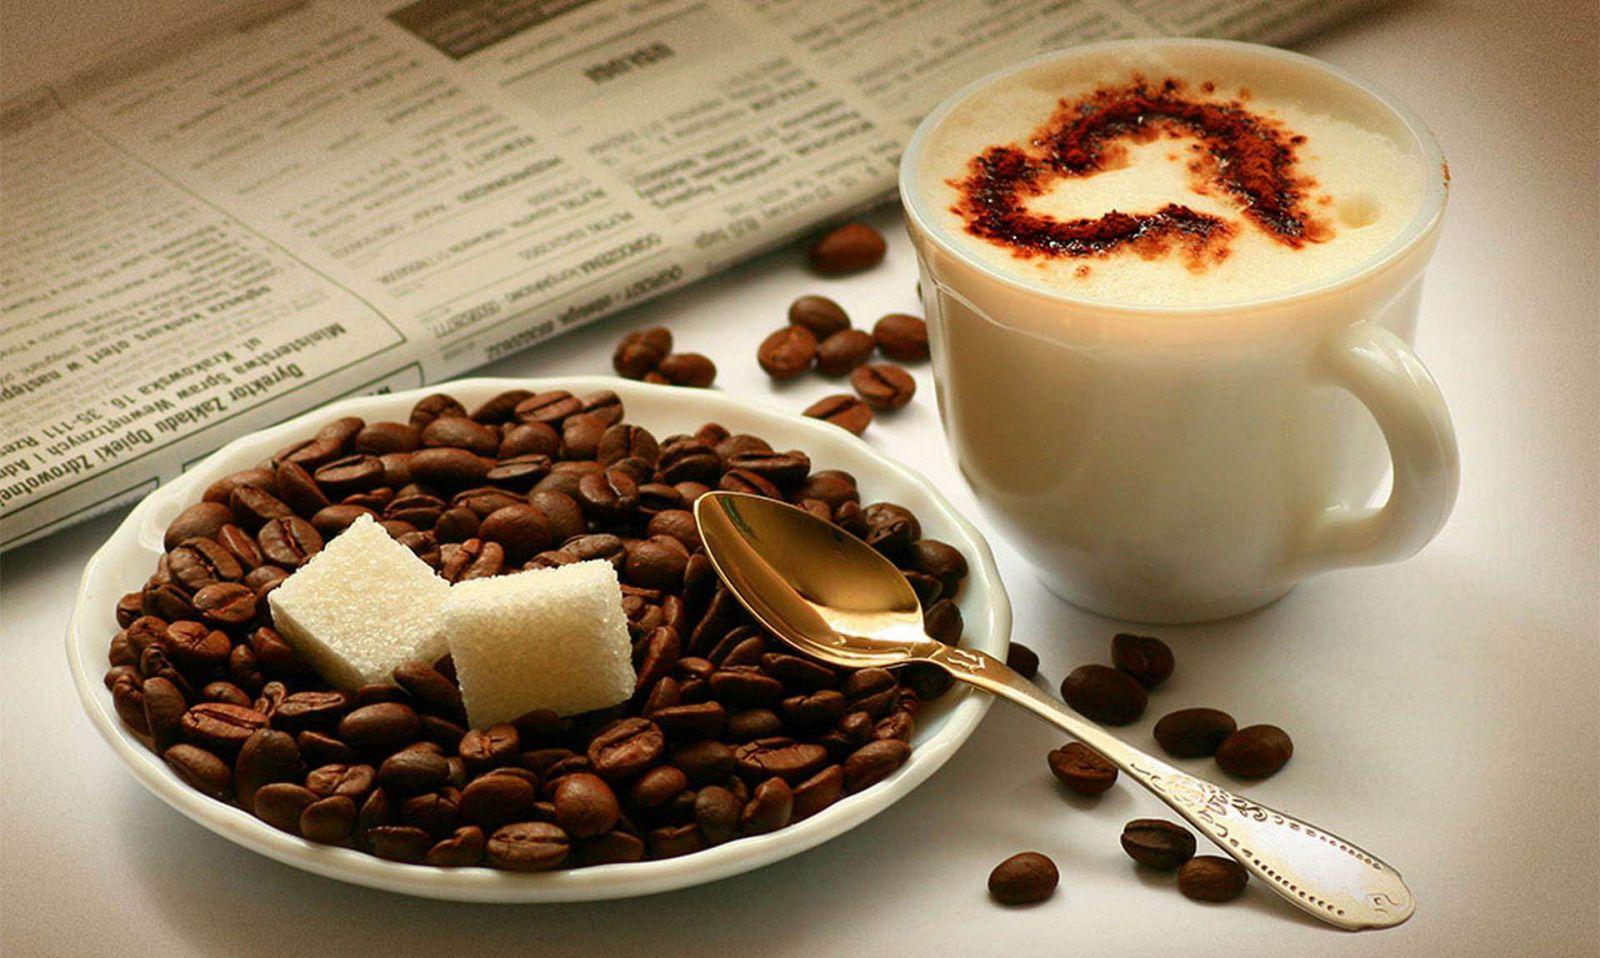 Một số cách để giảm cân từ cà phê mà không lo hại sức khỏe